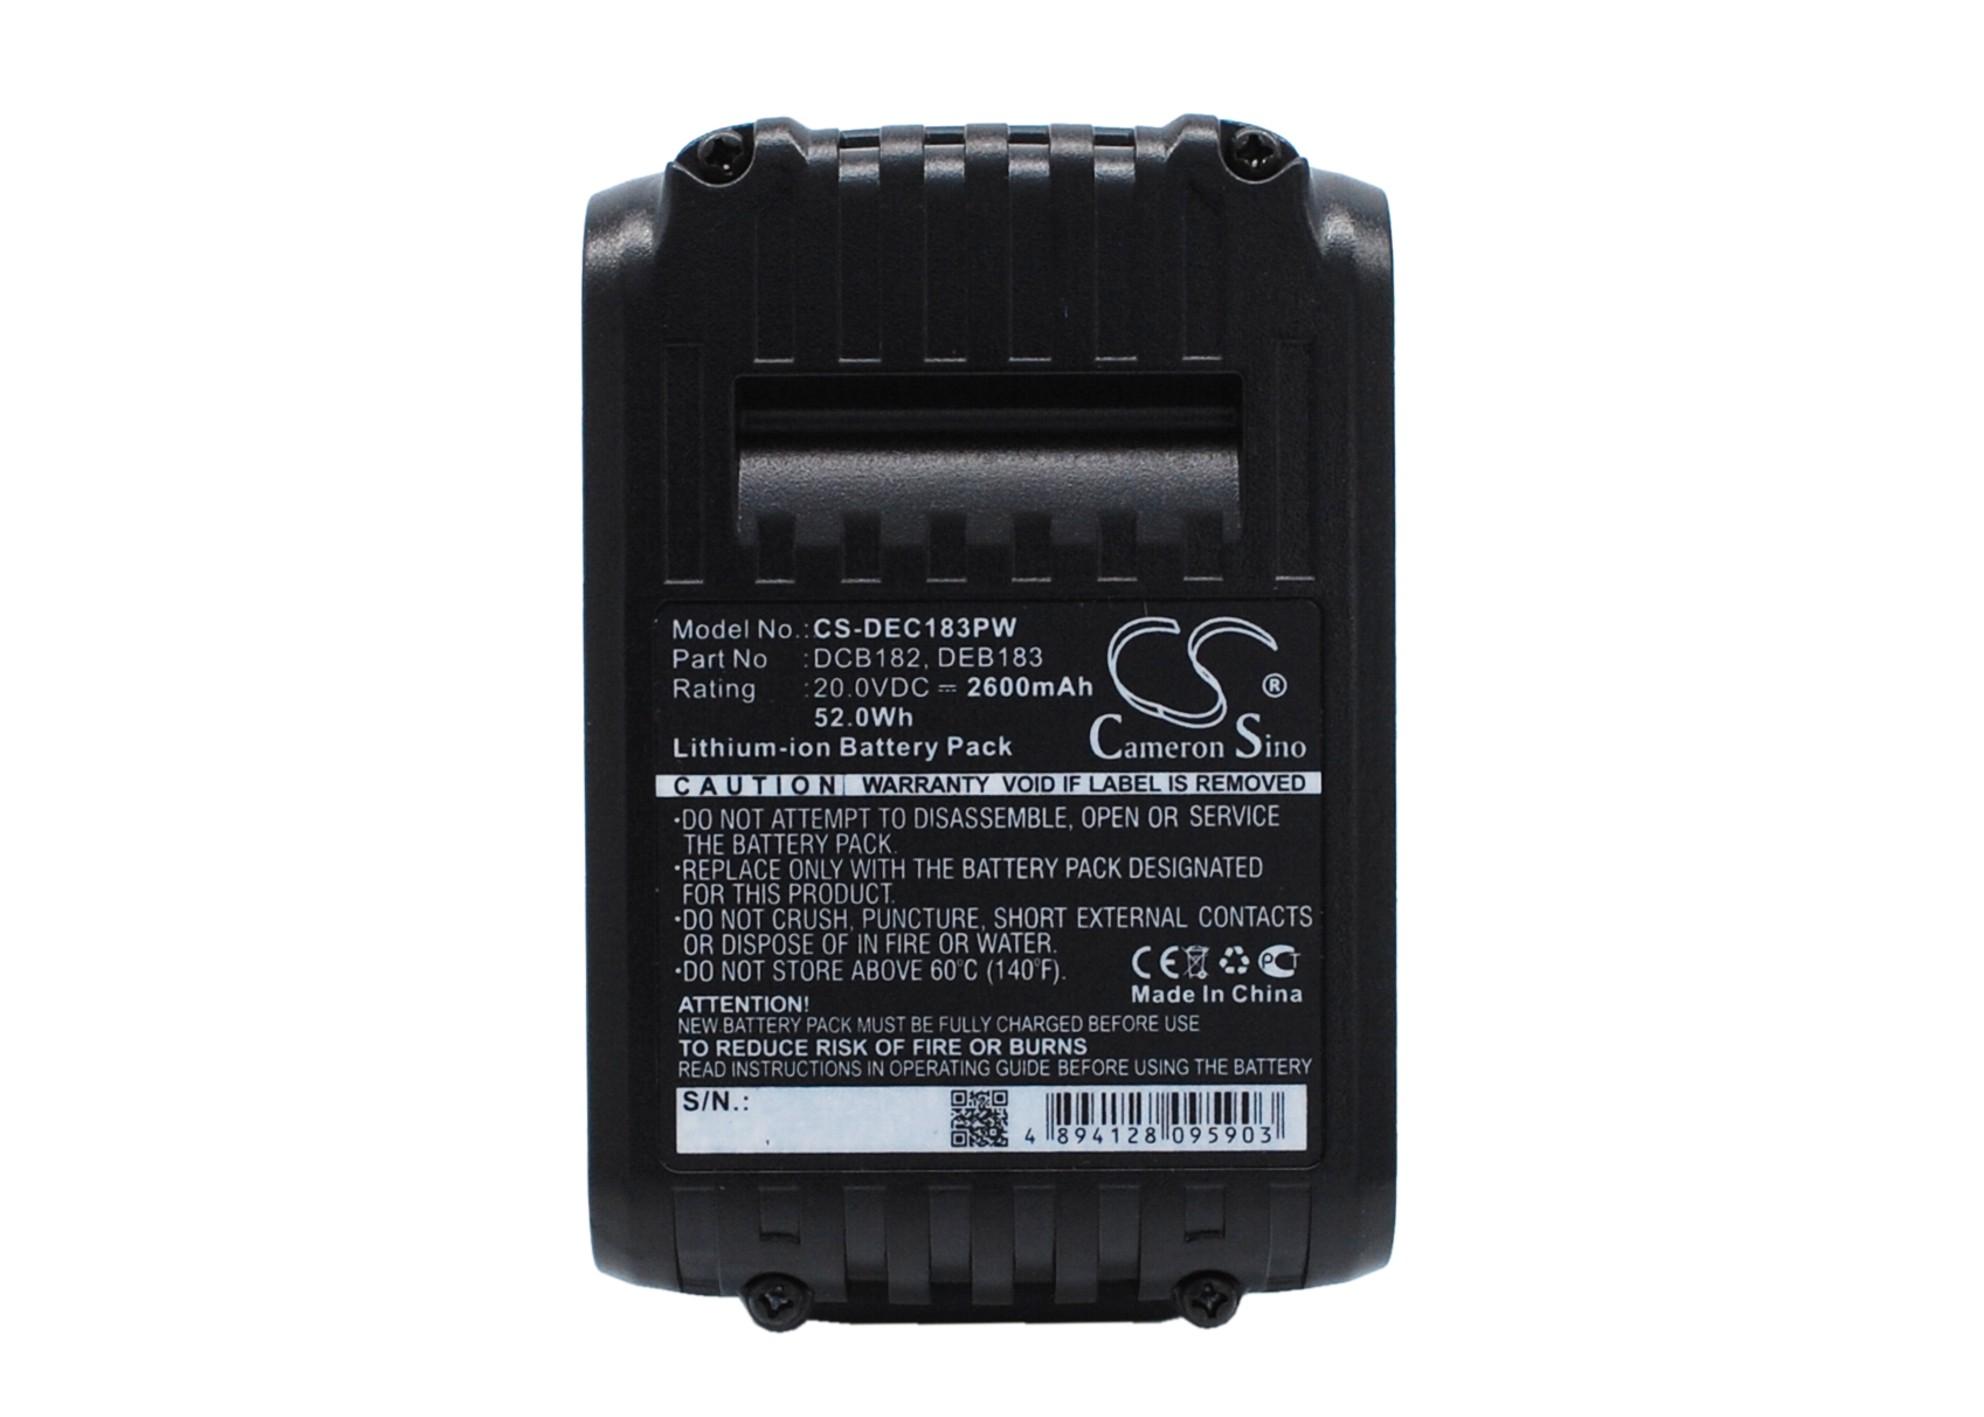 Cameron Sino baterie do nářadí pro DEWALT DCF895B 20V Li-ion 2600mAh černá - neoriginální